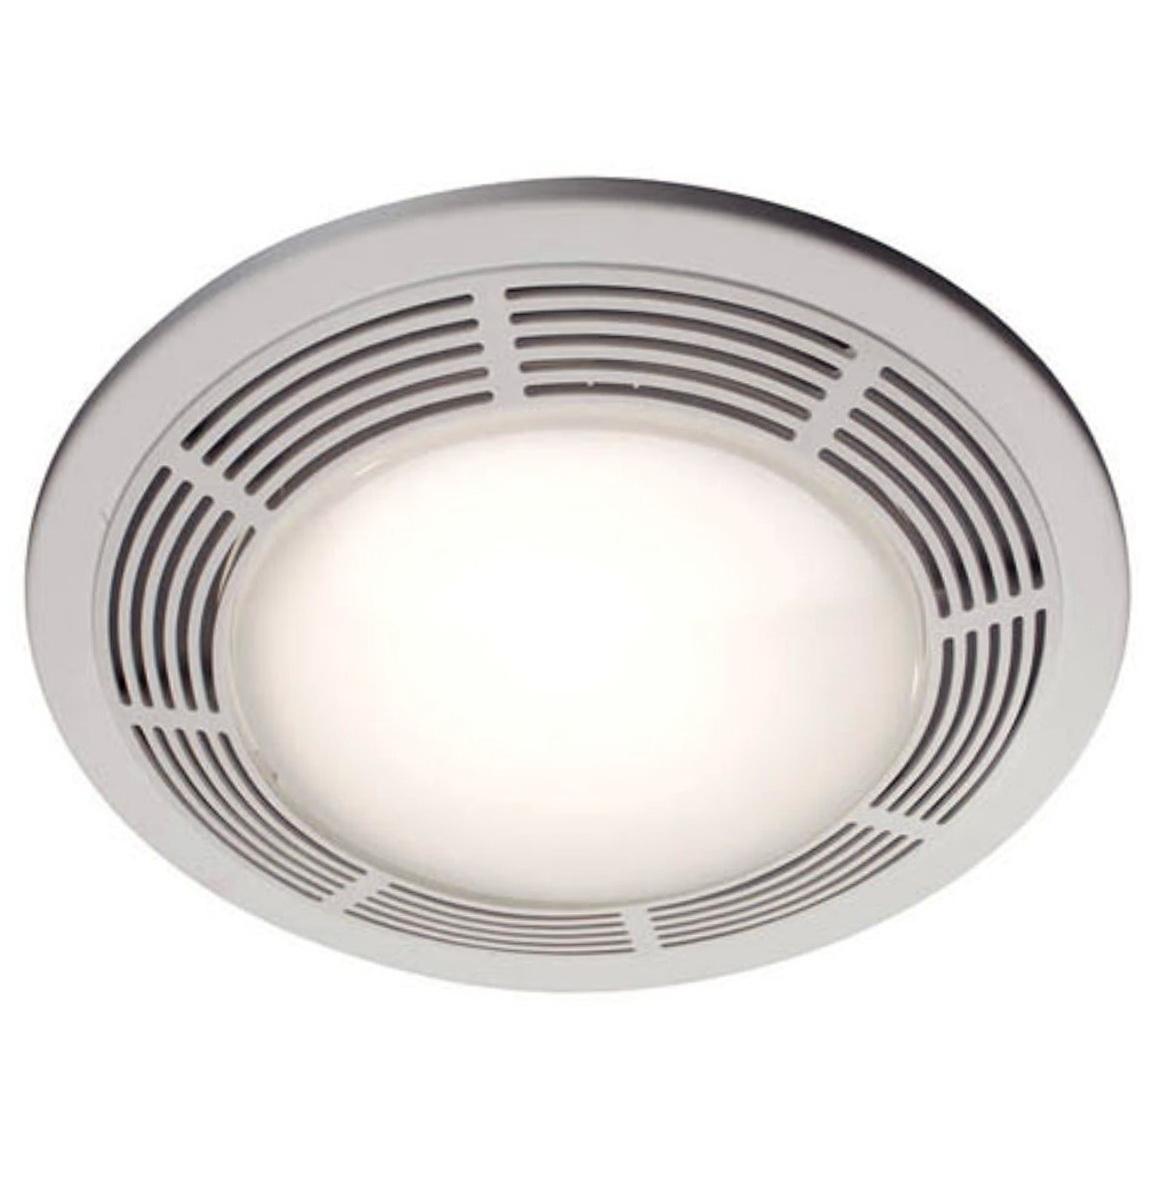 Broan Bathroom Fan Light